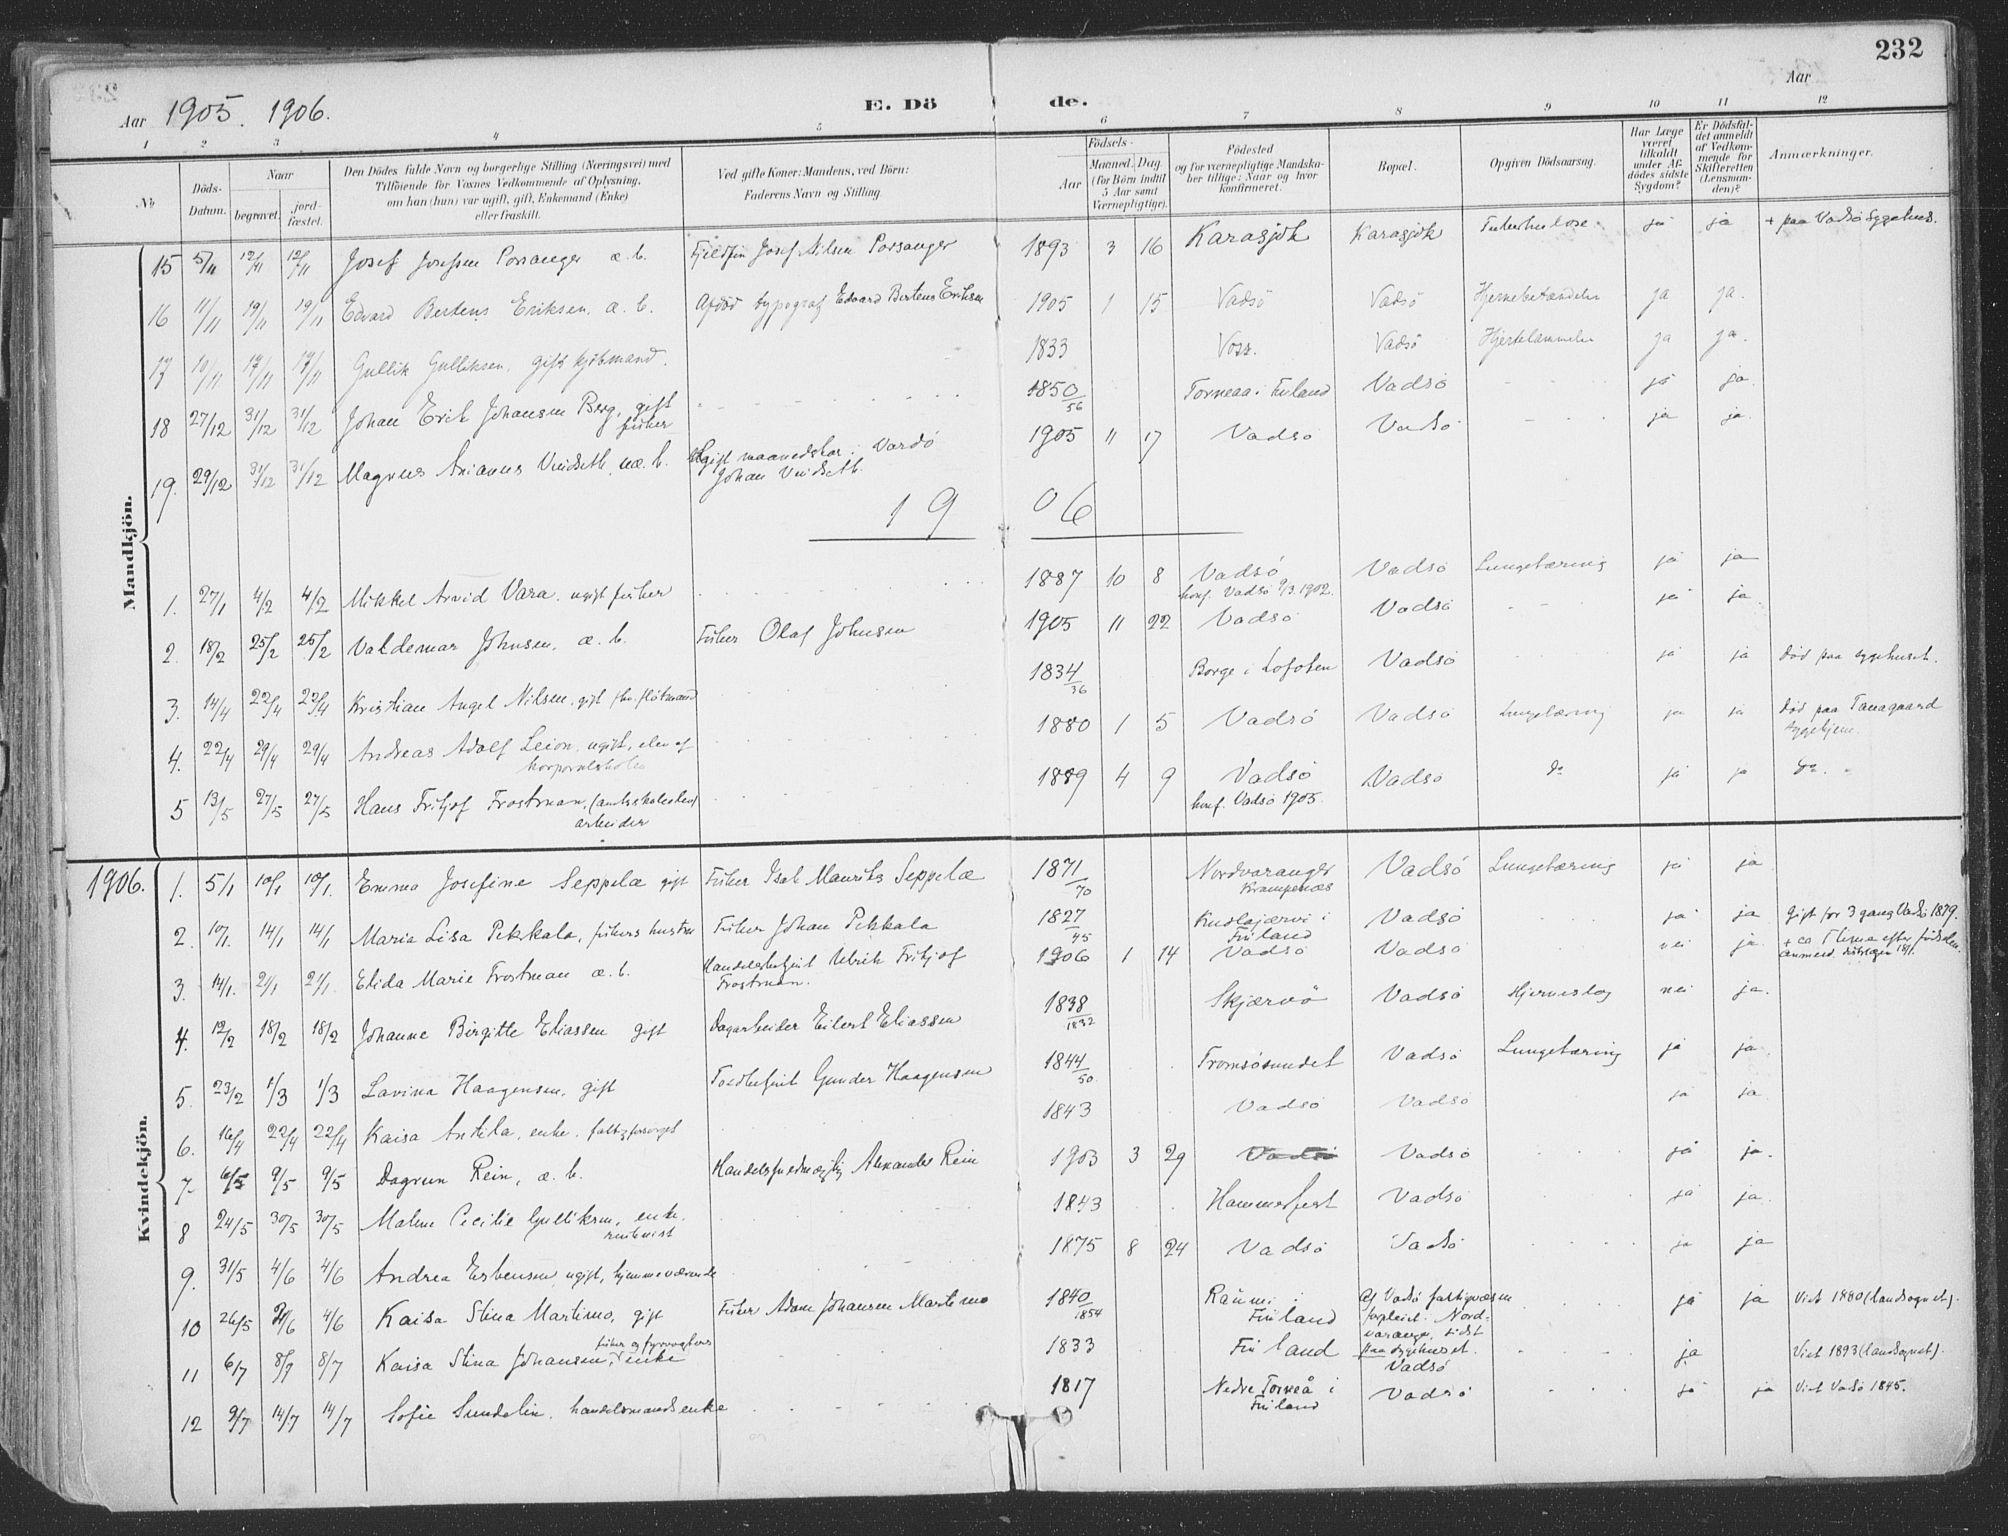 SATØ, Vadsø sokneprestkontor, H/Ha/L0007kirke: Ministerialbok nr. 7, 1896-1916, s. 232